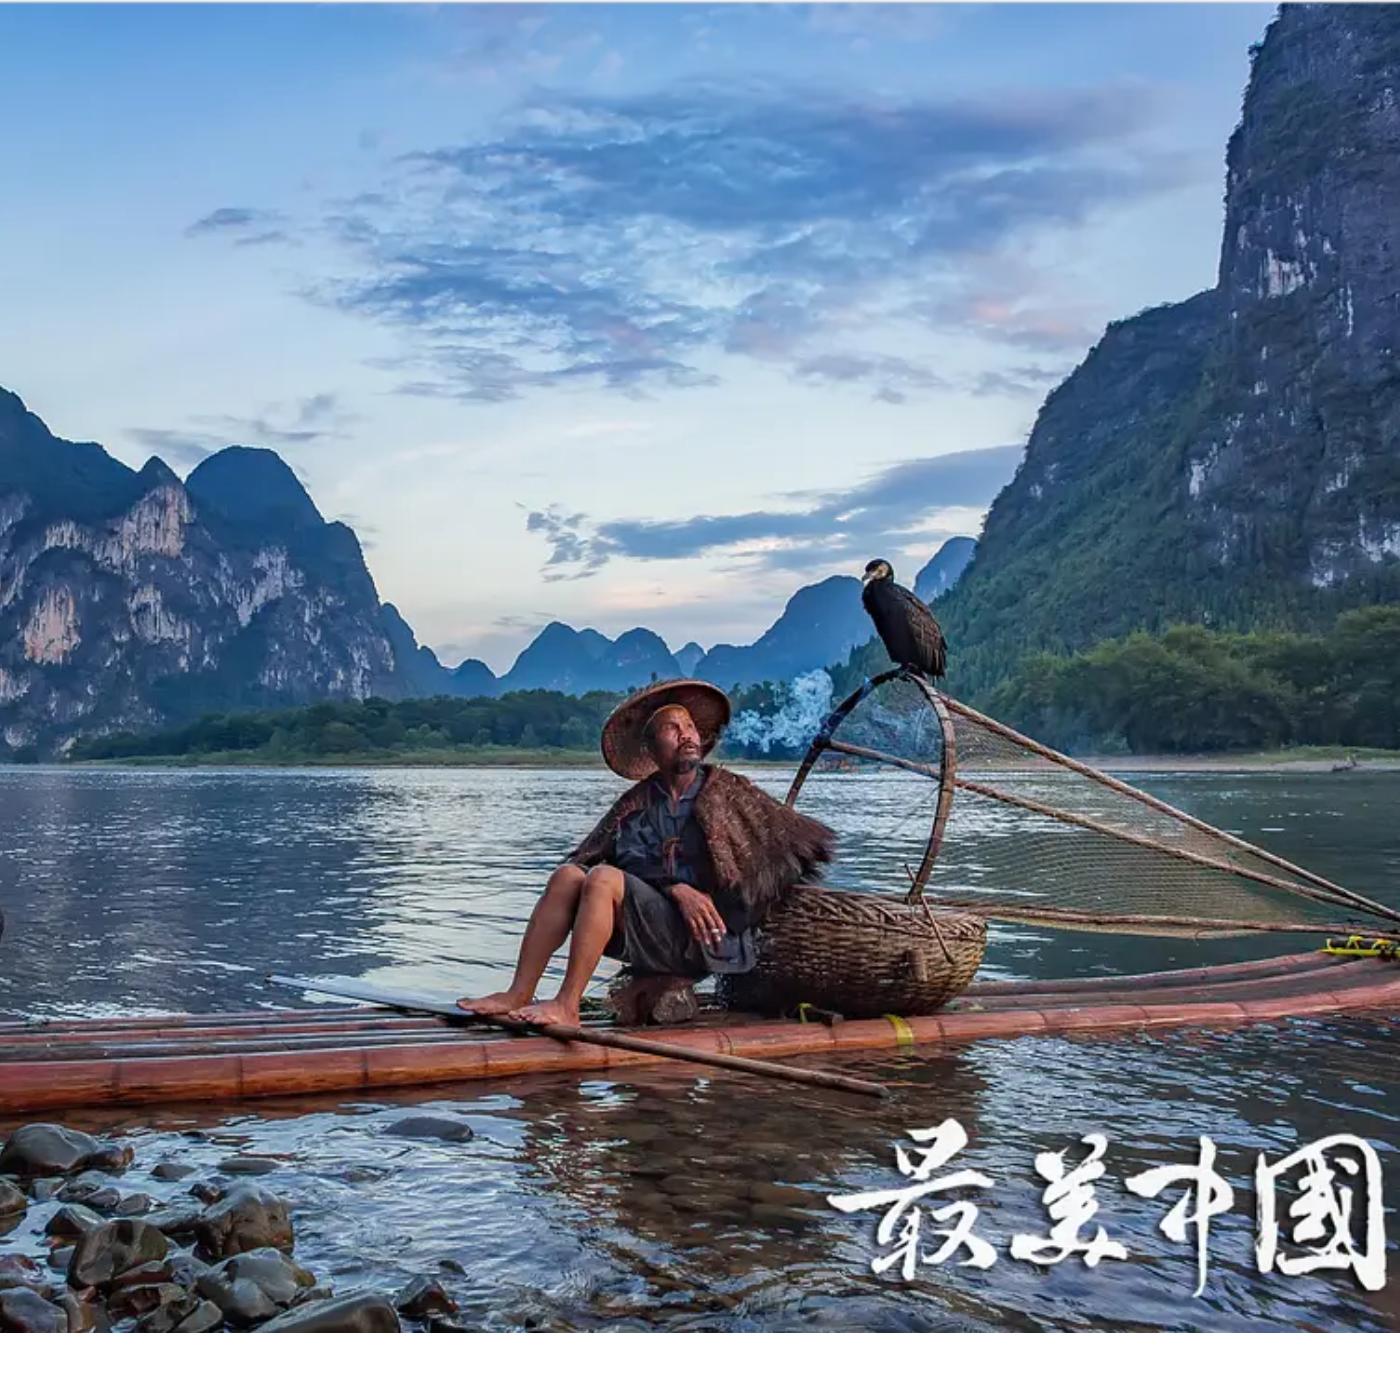 《最美中国》第四季